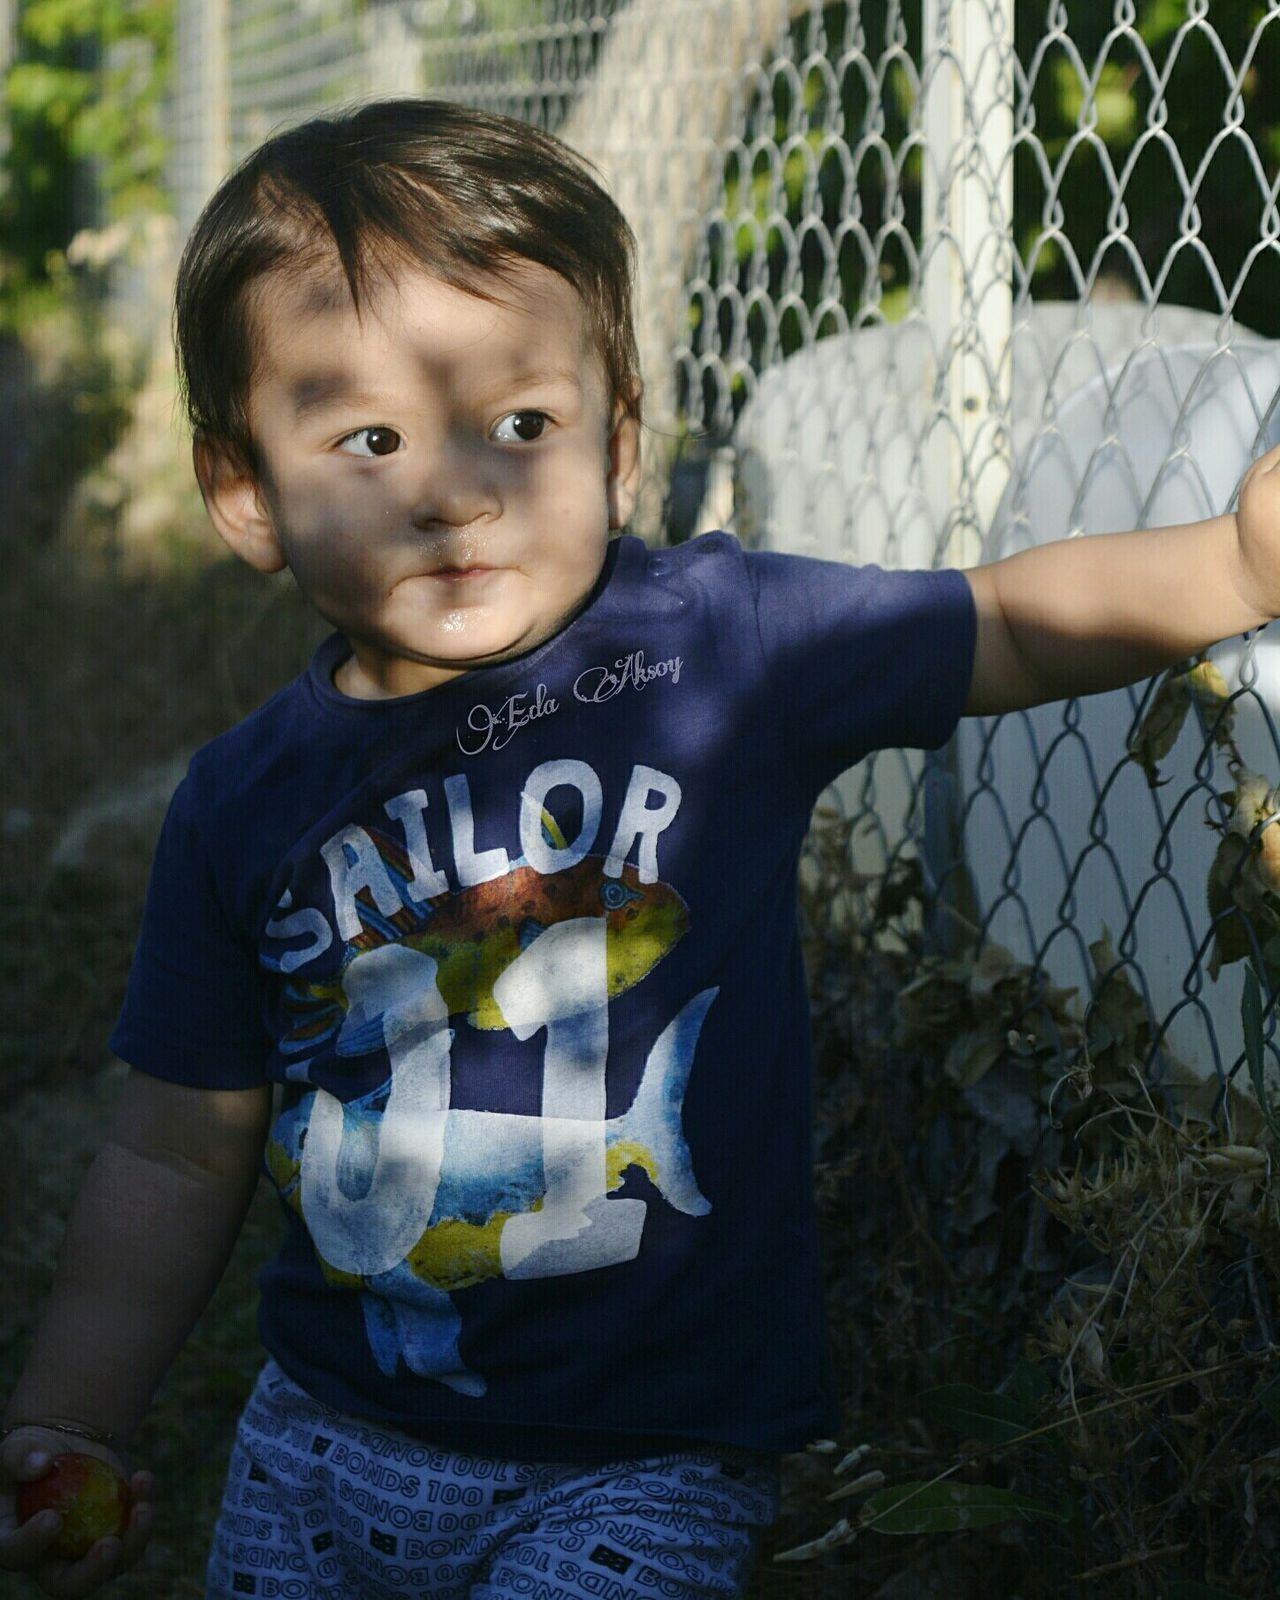 Bal 🍯😍 Baby Boy Baby Babies Eymen  Photography Nikon Nikonphotography Turkey Turkeyphotooftheday Turkishfollowers Turkobjektif Turkfoto Turkiyekareleri Nikon D5200